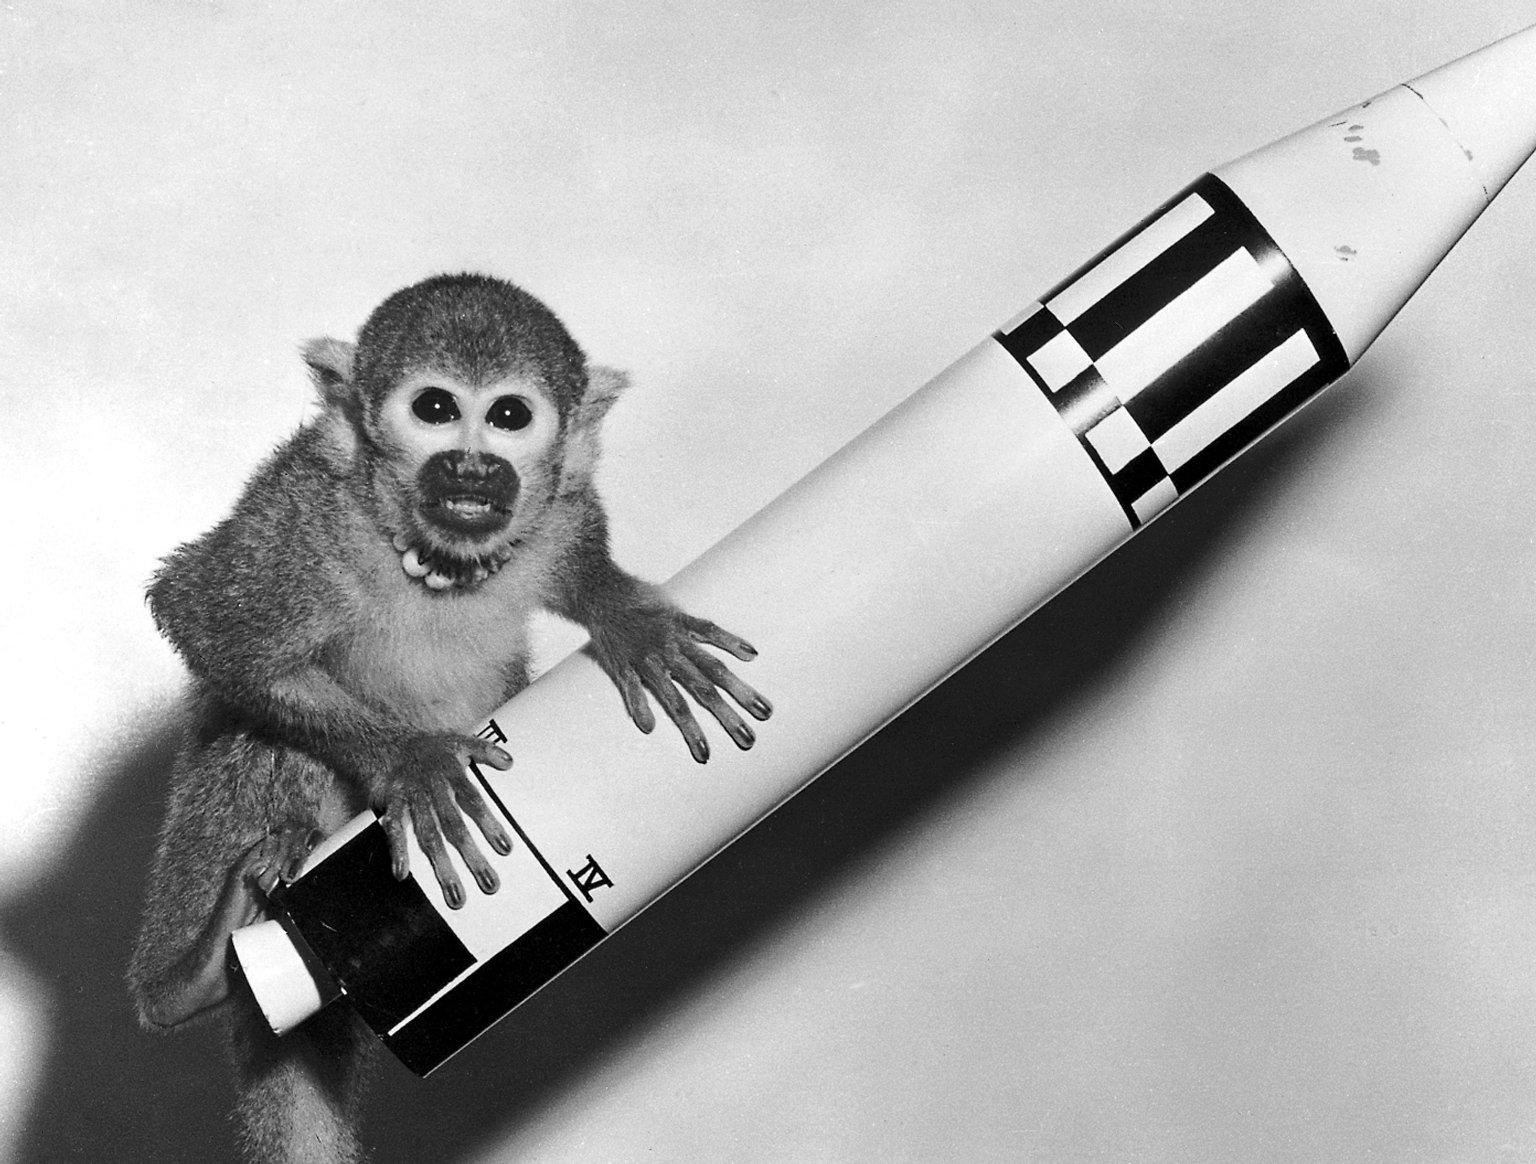 Baker, el mono ardilla que voló en un misil tipo Júpiter al espacio en 1959.